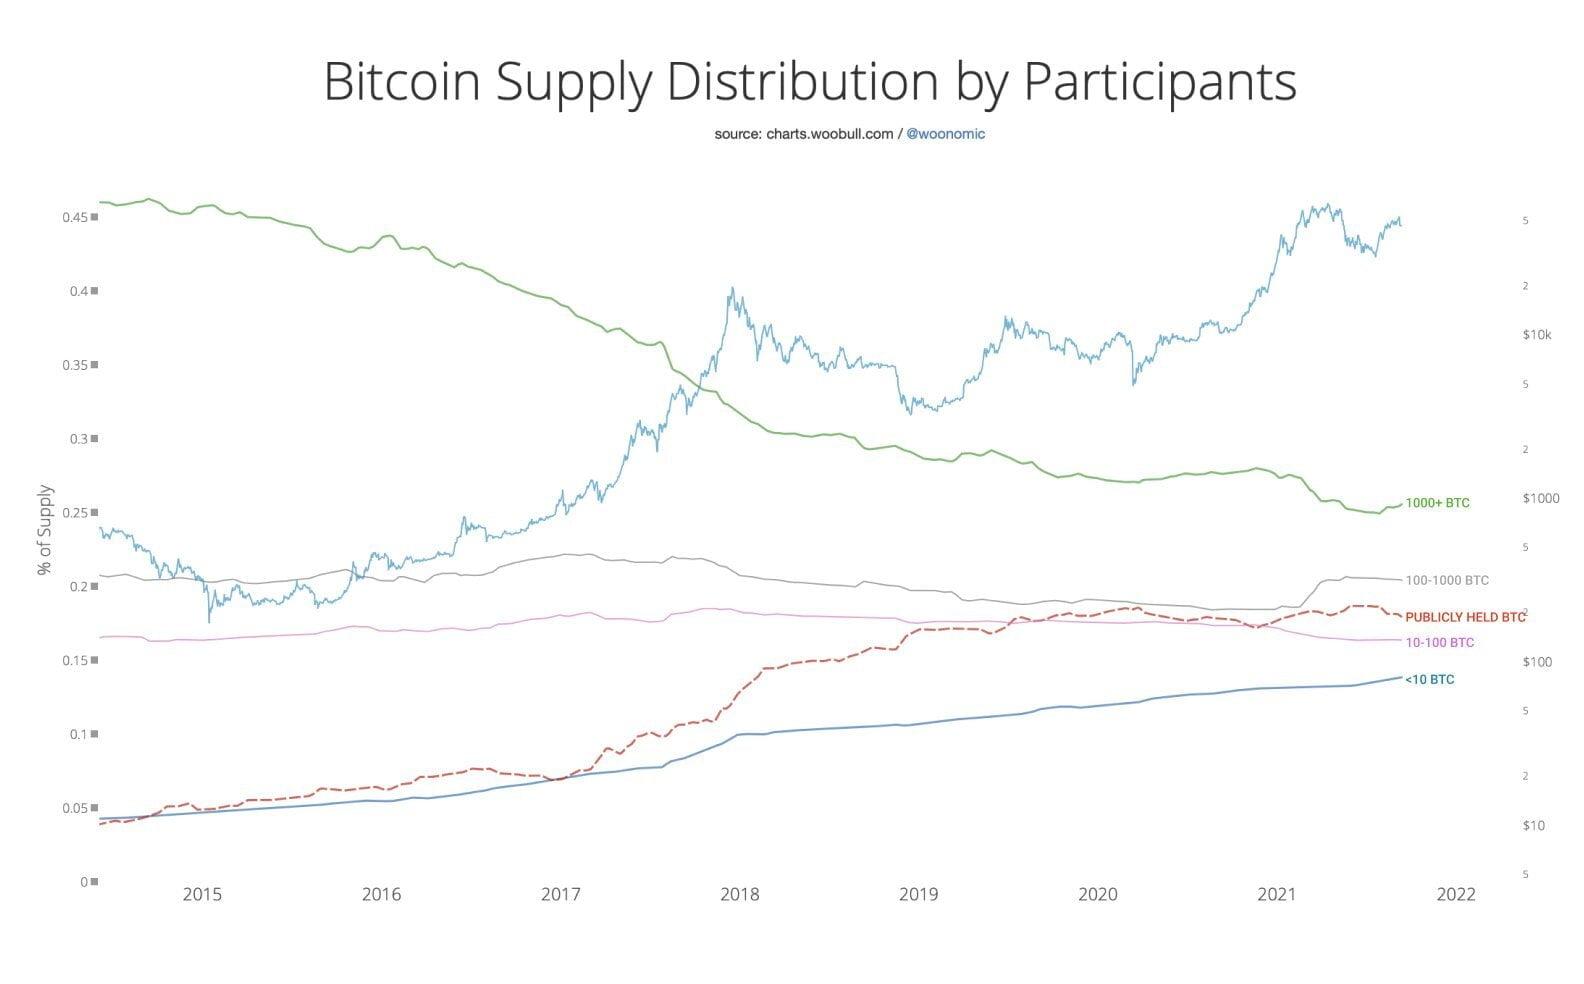 """Ünlü Analist: """"Verilere Göre Son Düşüşte, Balinalar Bitcoin Almaya Devam Etti!"""" 2 - son dususte balinalar bitcoin almaya devam etti 2"""